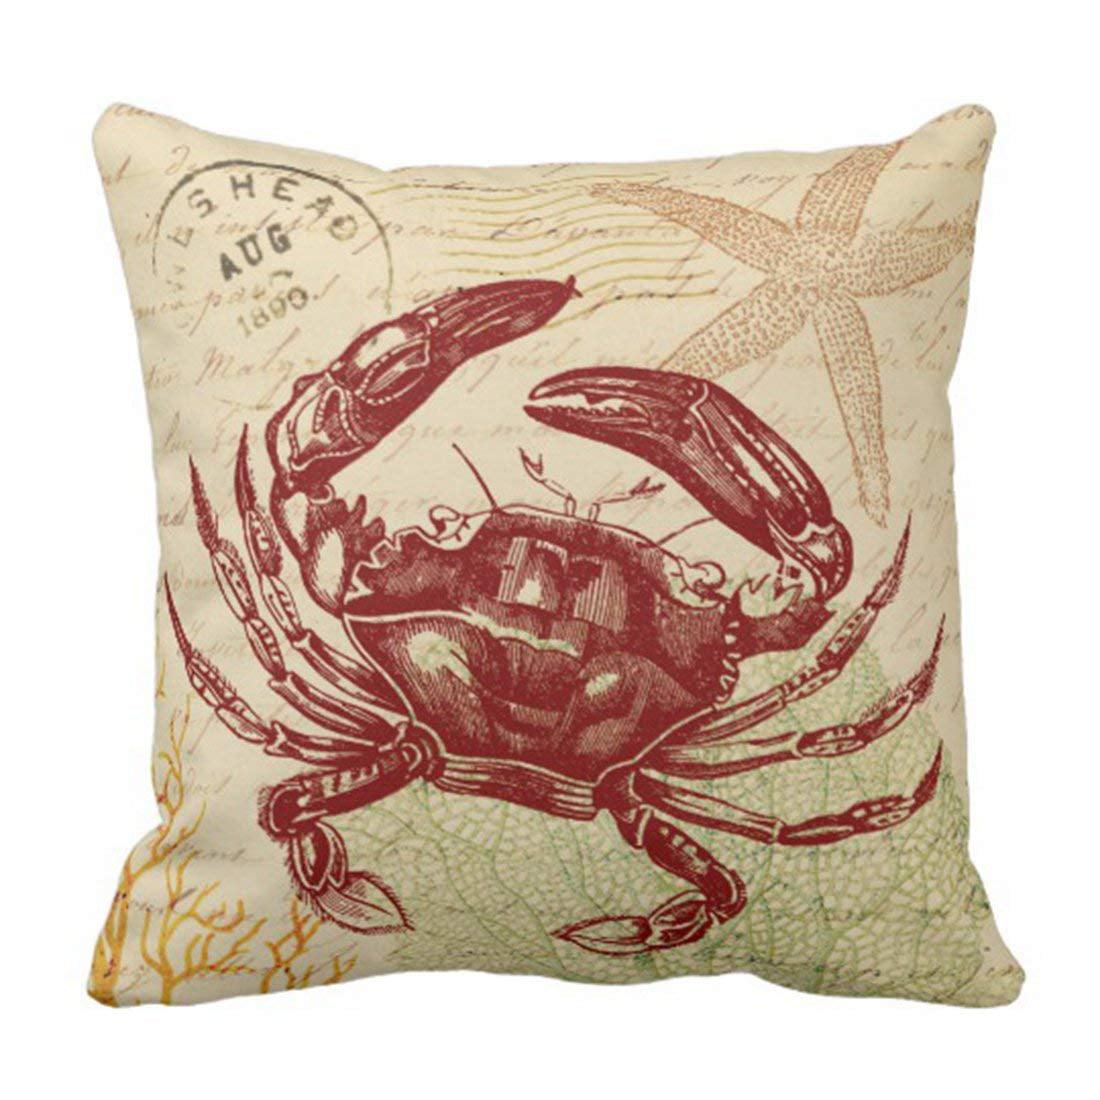 WOPOP Vintage Beach Seaside Red Crab Green Sea Pillowcase Cushion Cover 16x16 inches